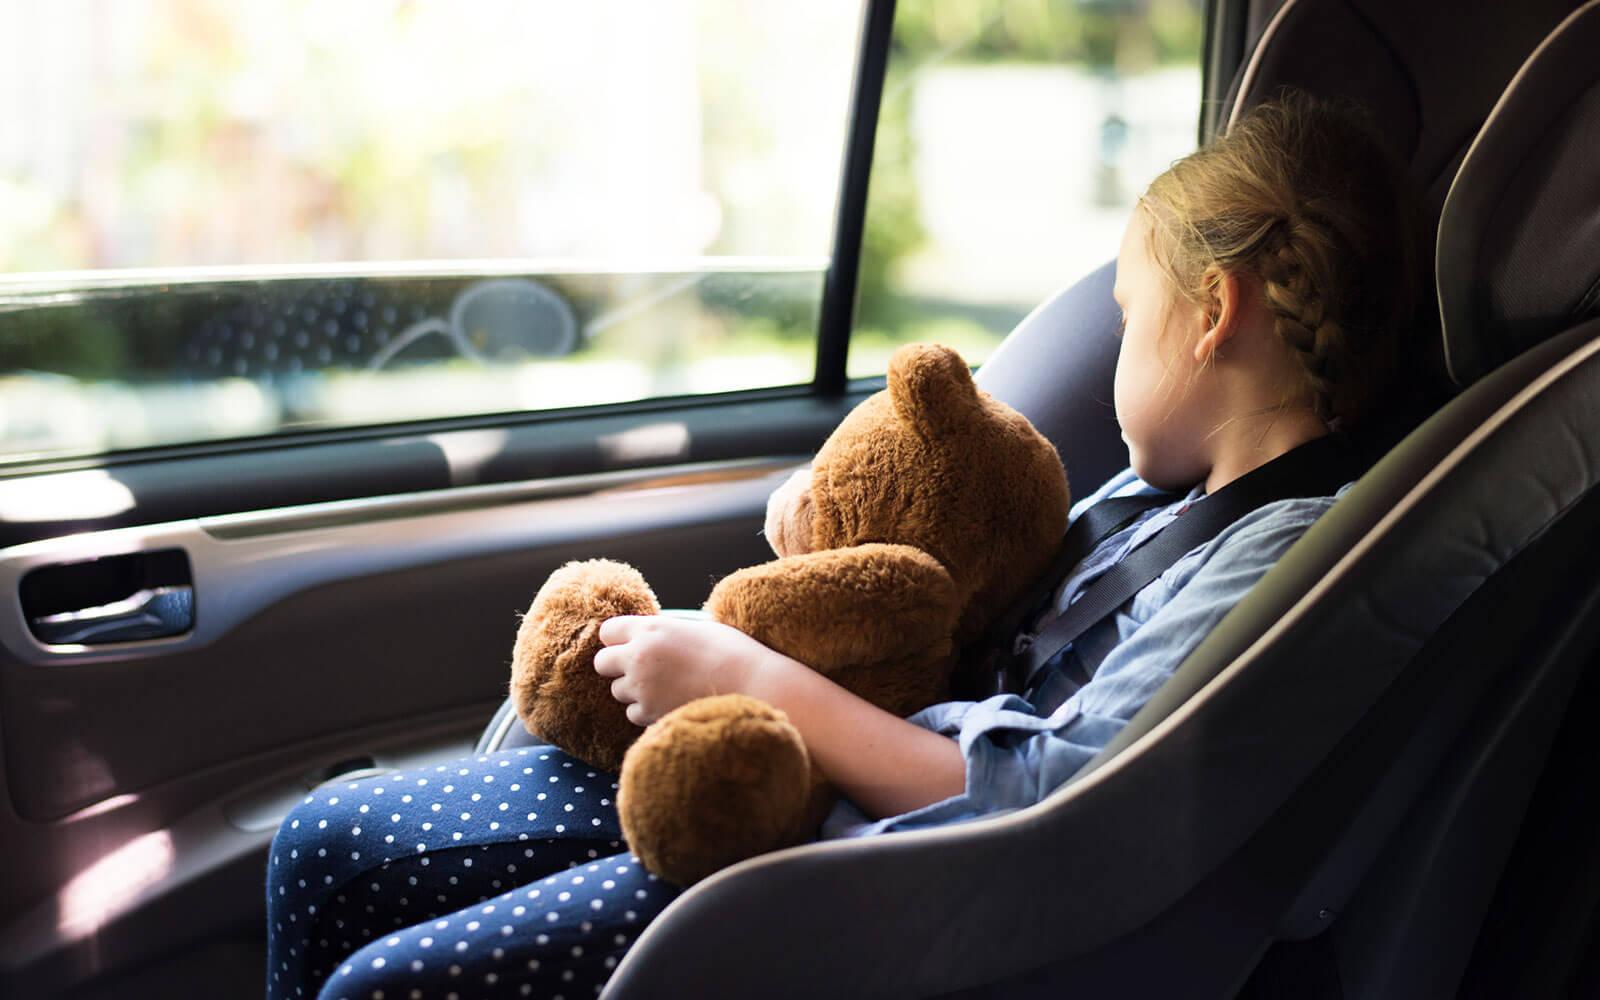 que dice la ley en españa sobre los sistemas de retención infantil